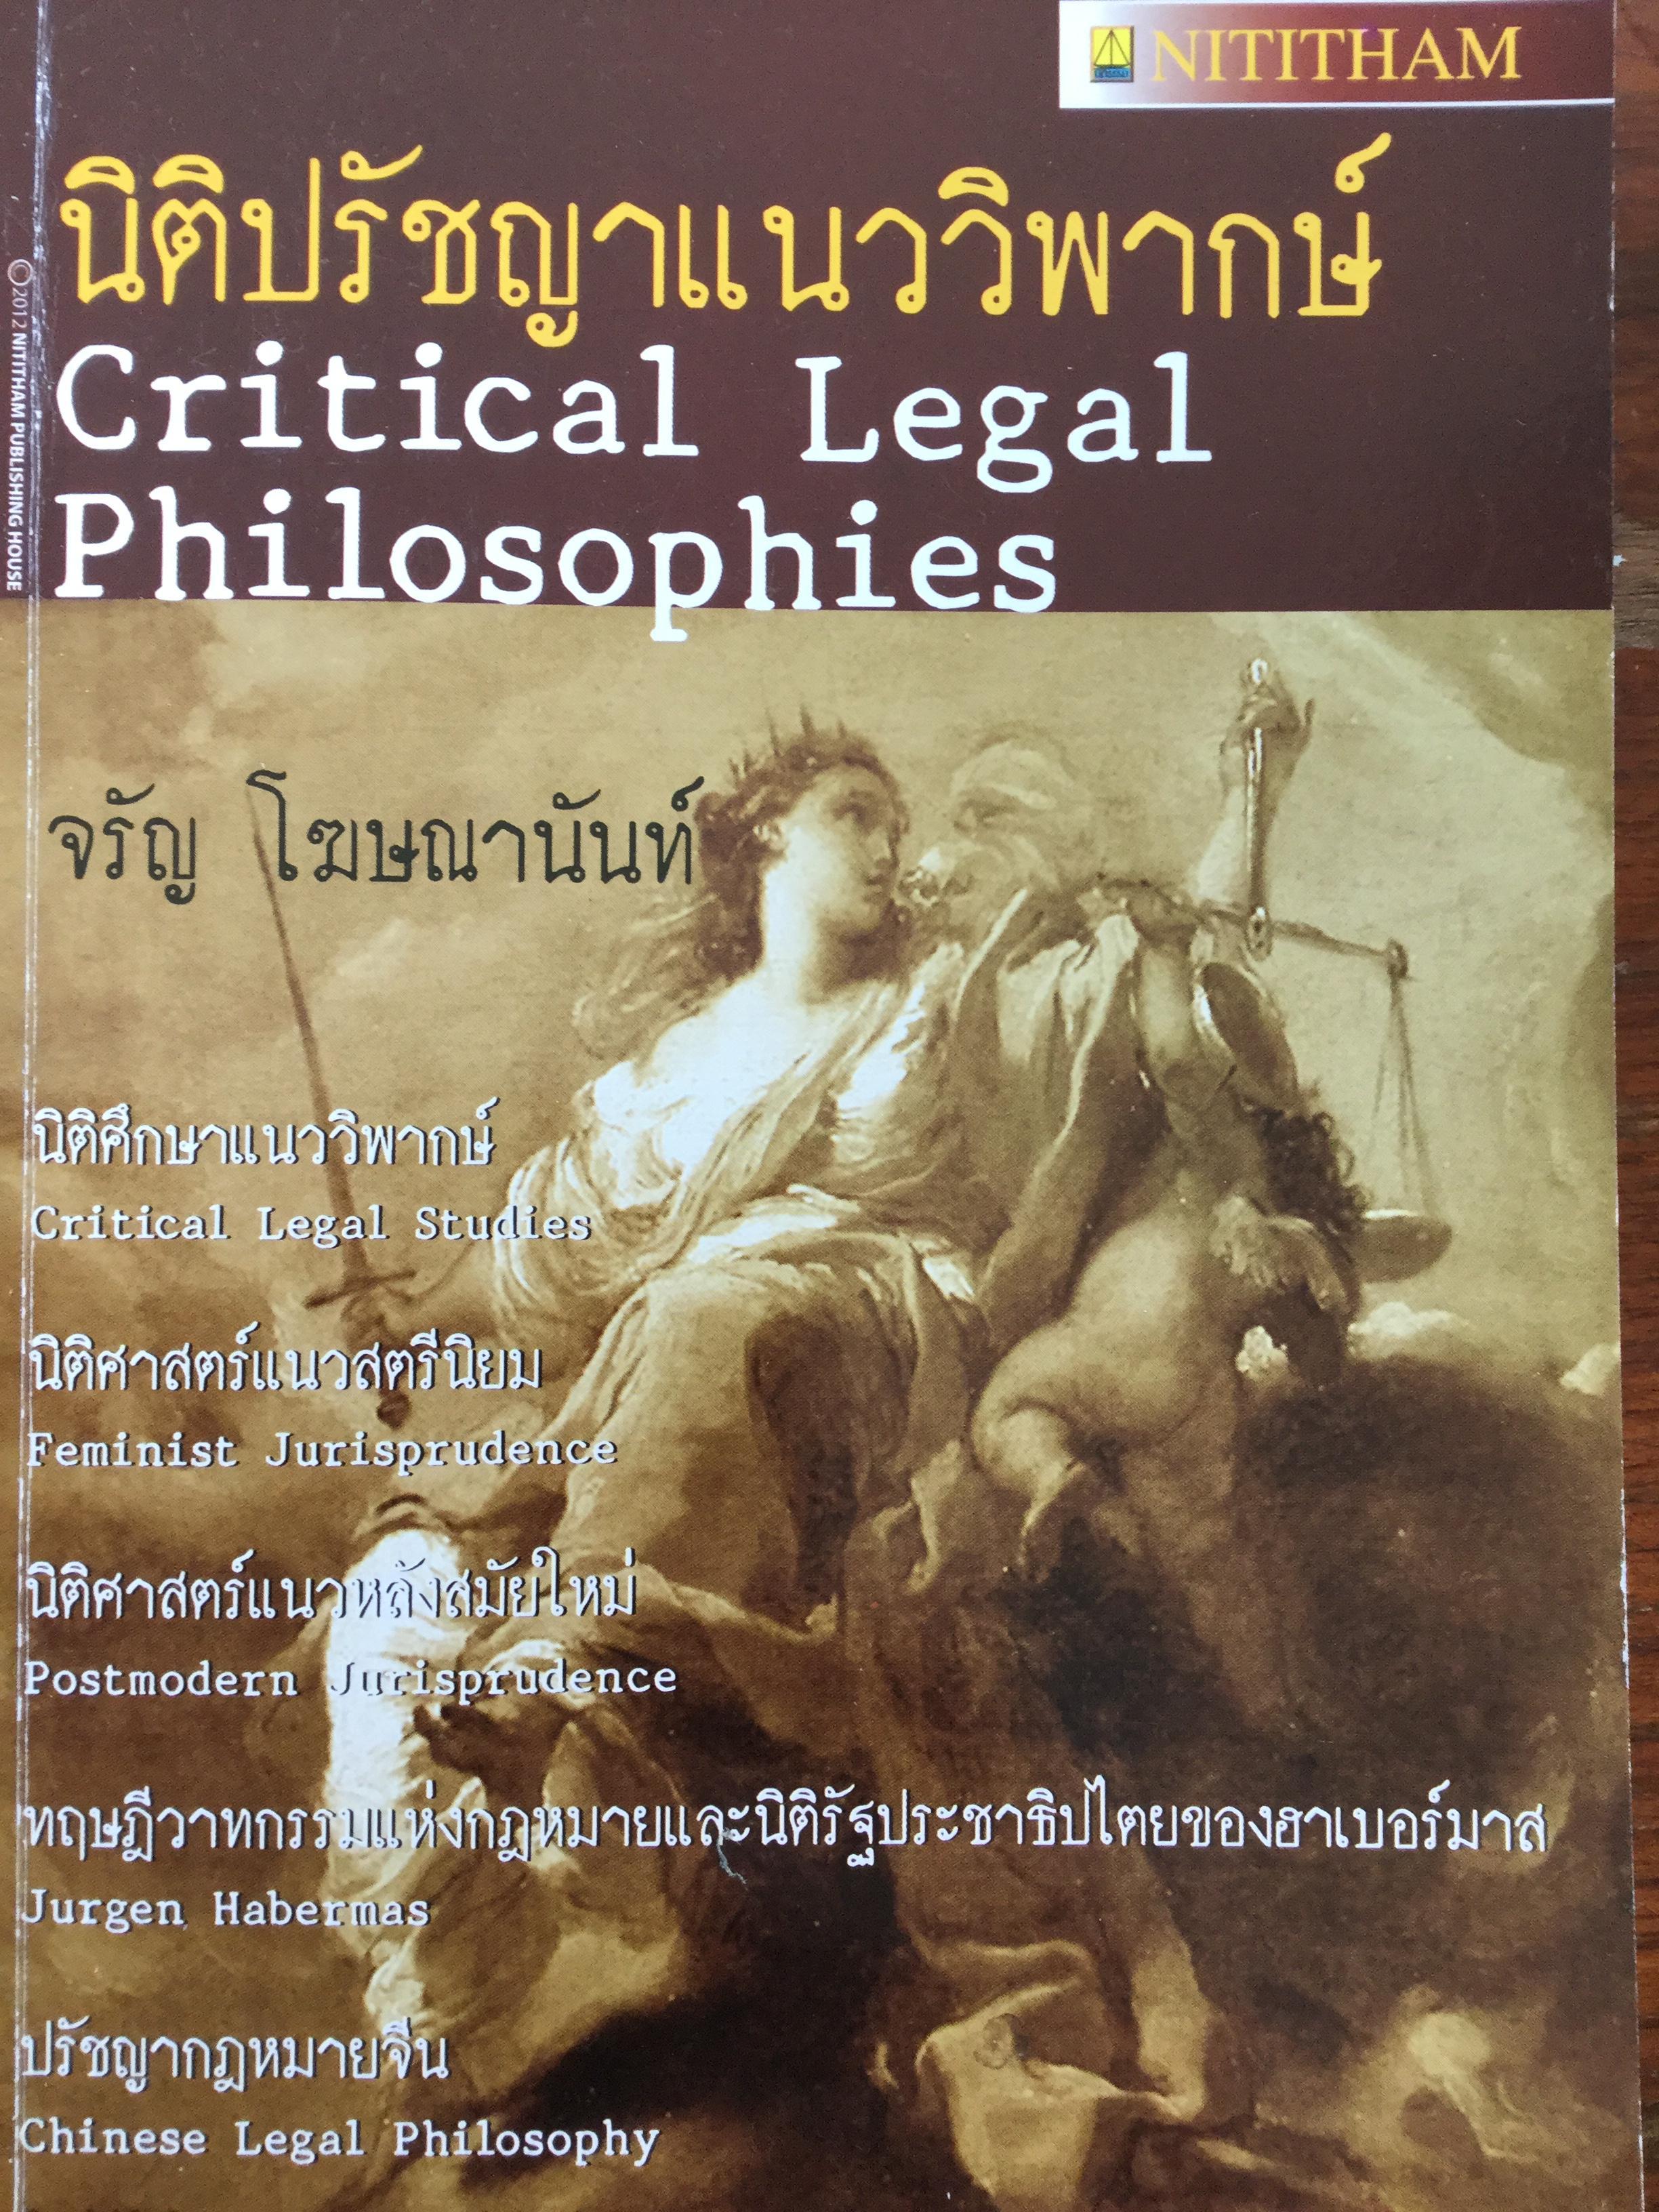 นิติปรัชญาแนววิพากษ์. Critical Legal Philosophies. ผู้เขียน จรัญ โฆษณานันทน์.